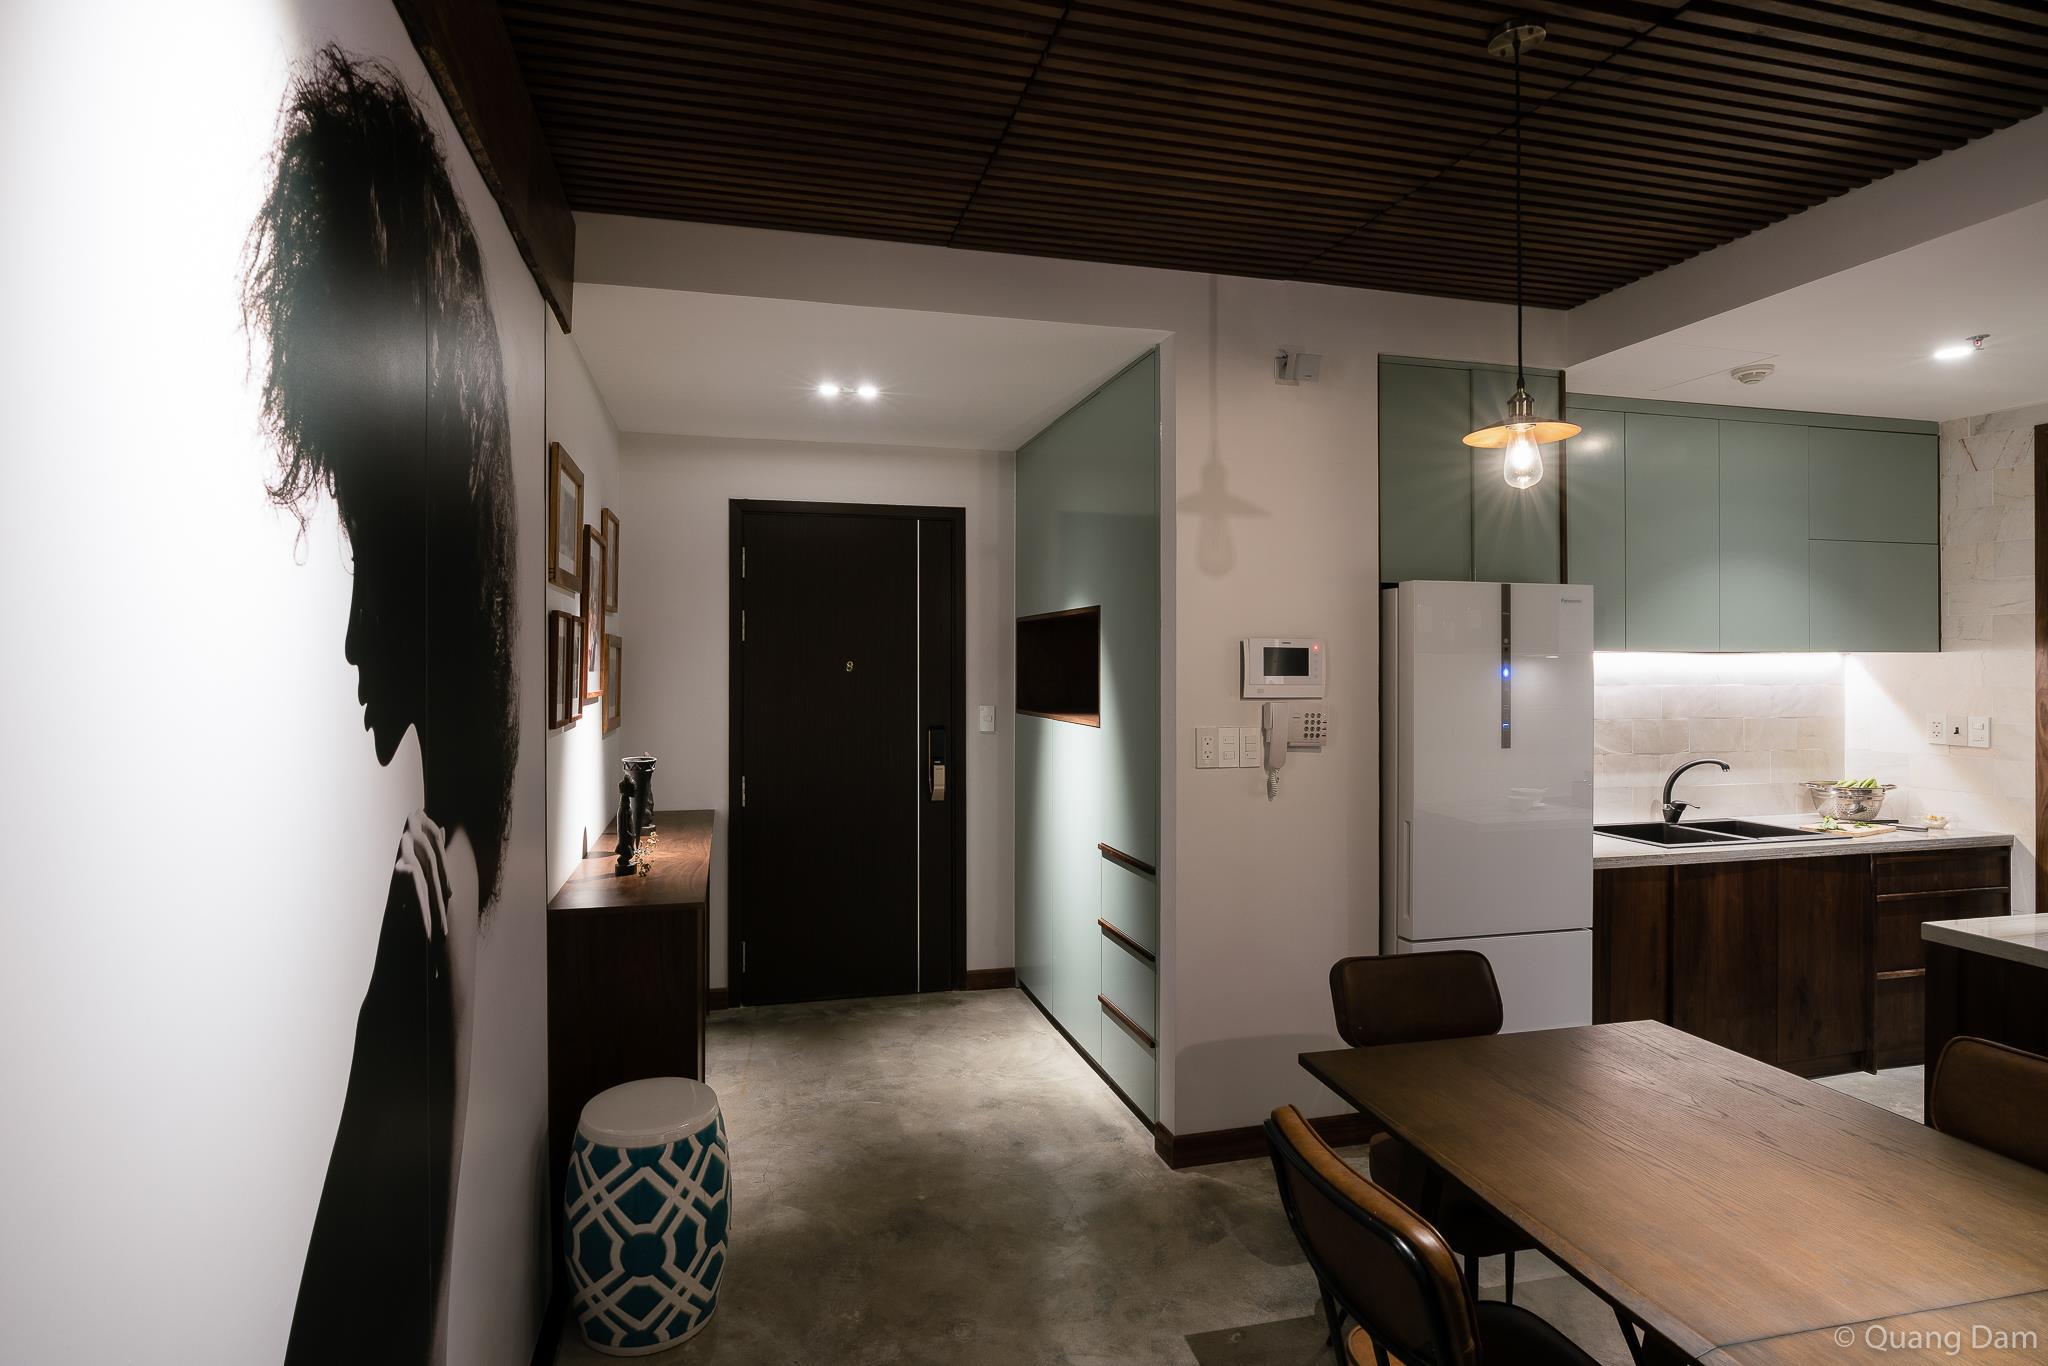 Nội thất căn hộ 1 phòng ngủ với điểm nhấn gỗ và cây xanh - Nhà Đẹp Số (11)